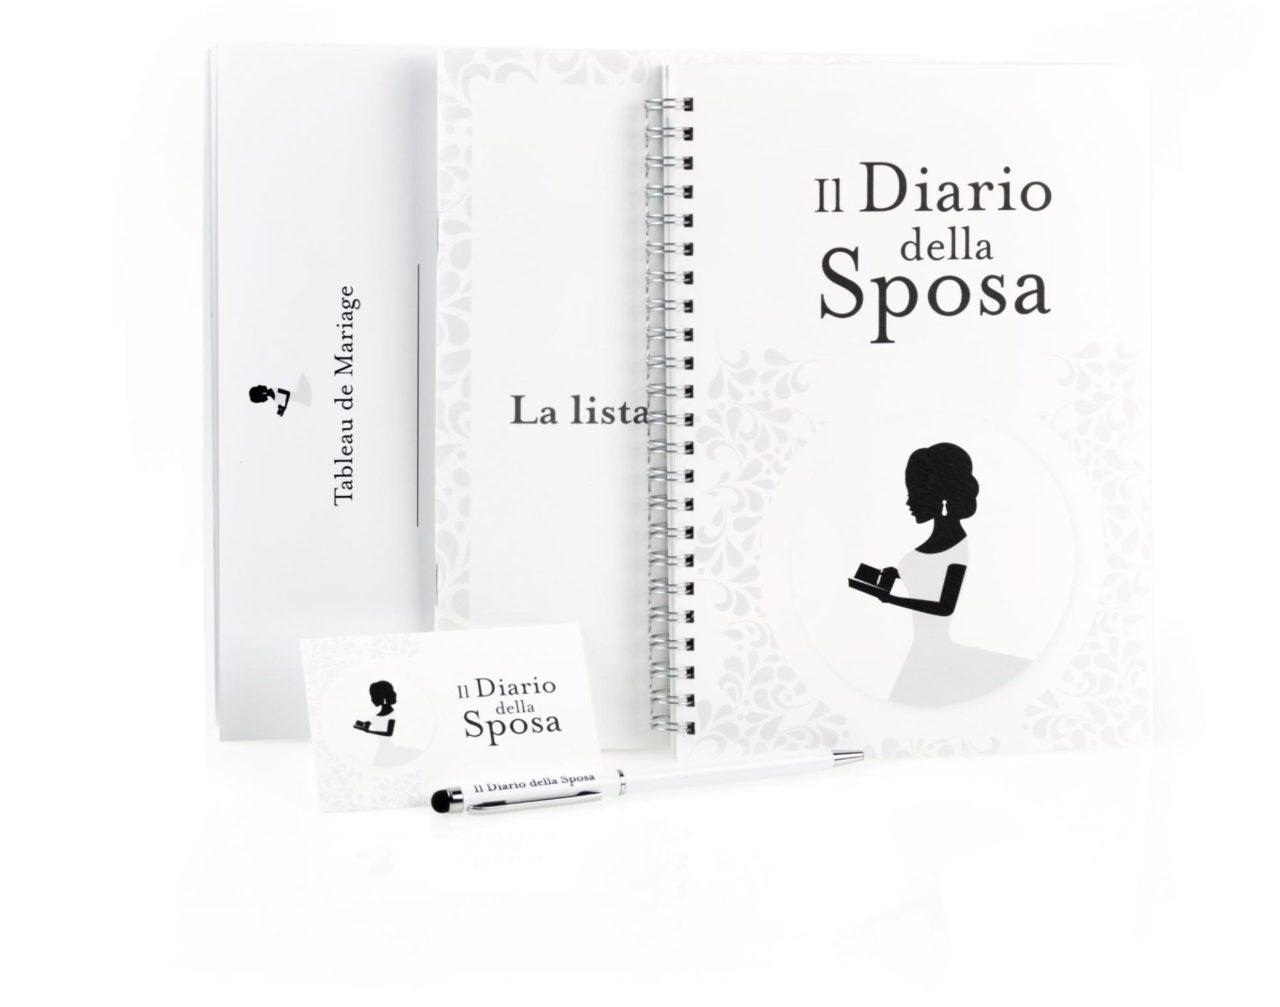 Il Diario della Sposa - Andrea Carta - Design